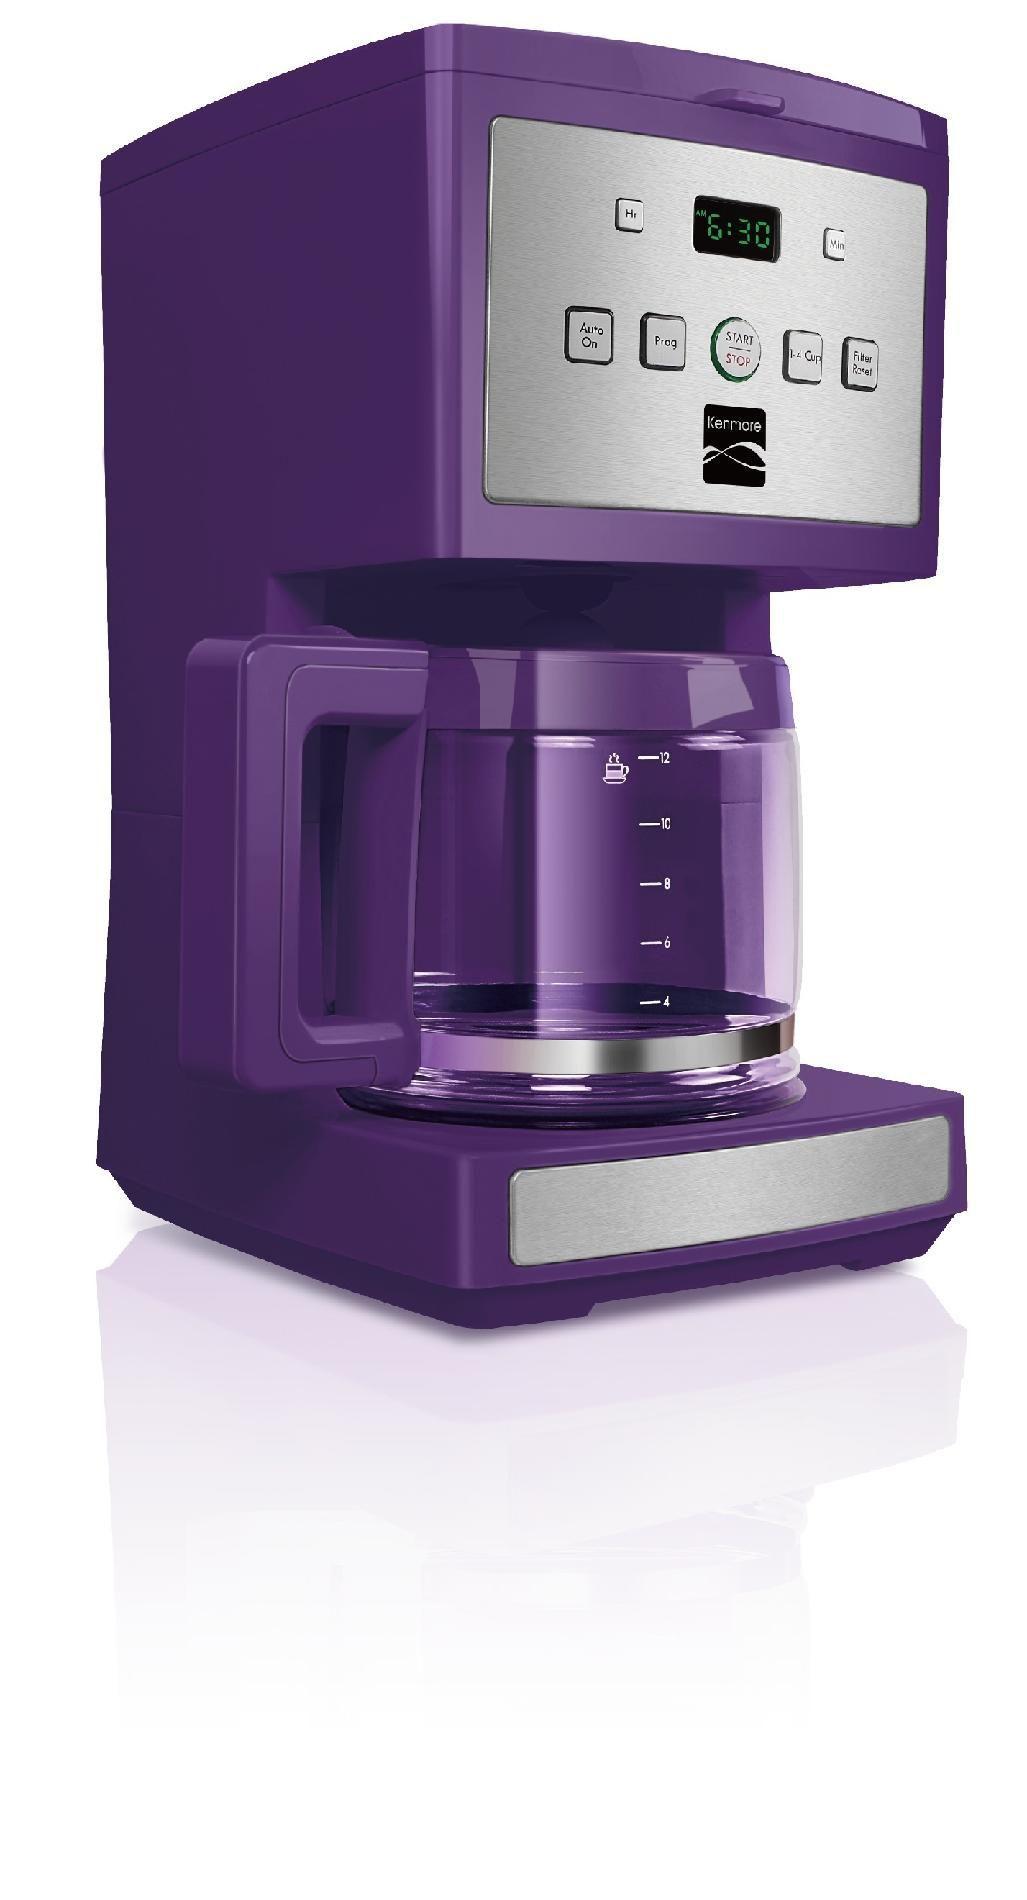 die besten 25 cofee machine ideen auf pinterest kaffeemaschinen espressomaschinen. Black Bedroom Furniture Sets. Home Design Ideas